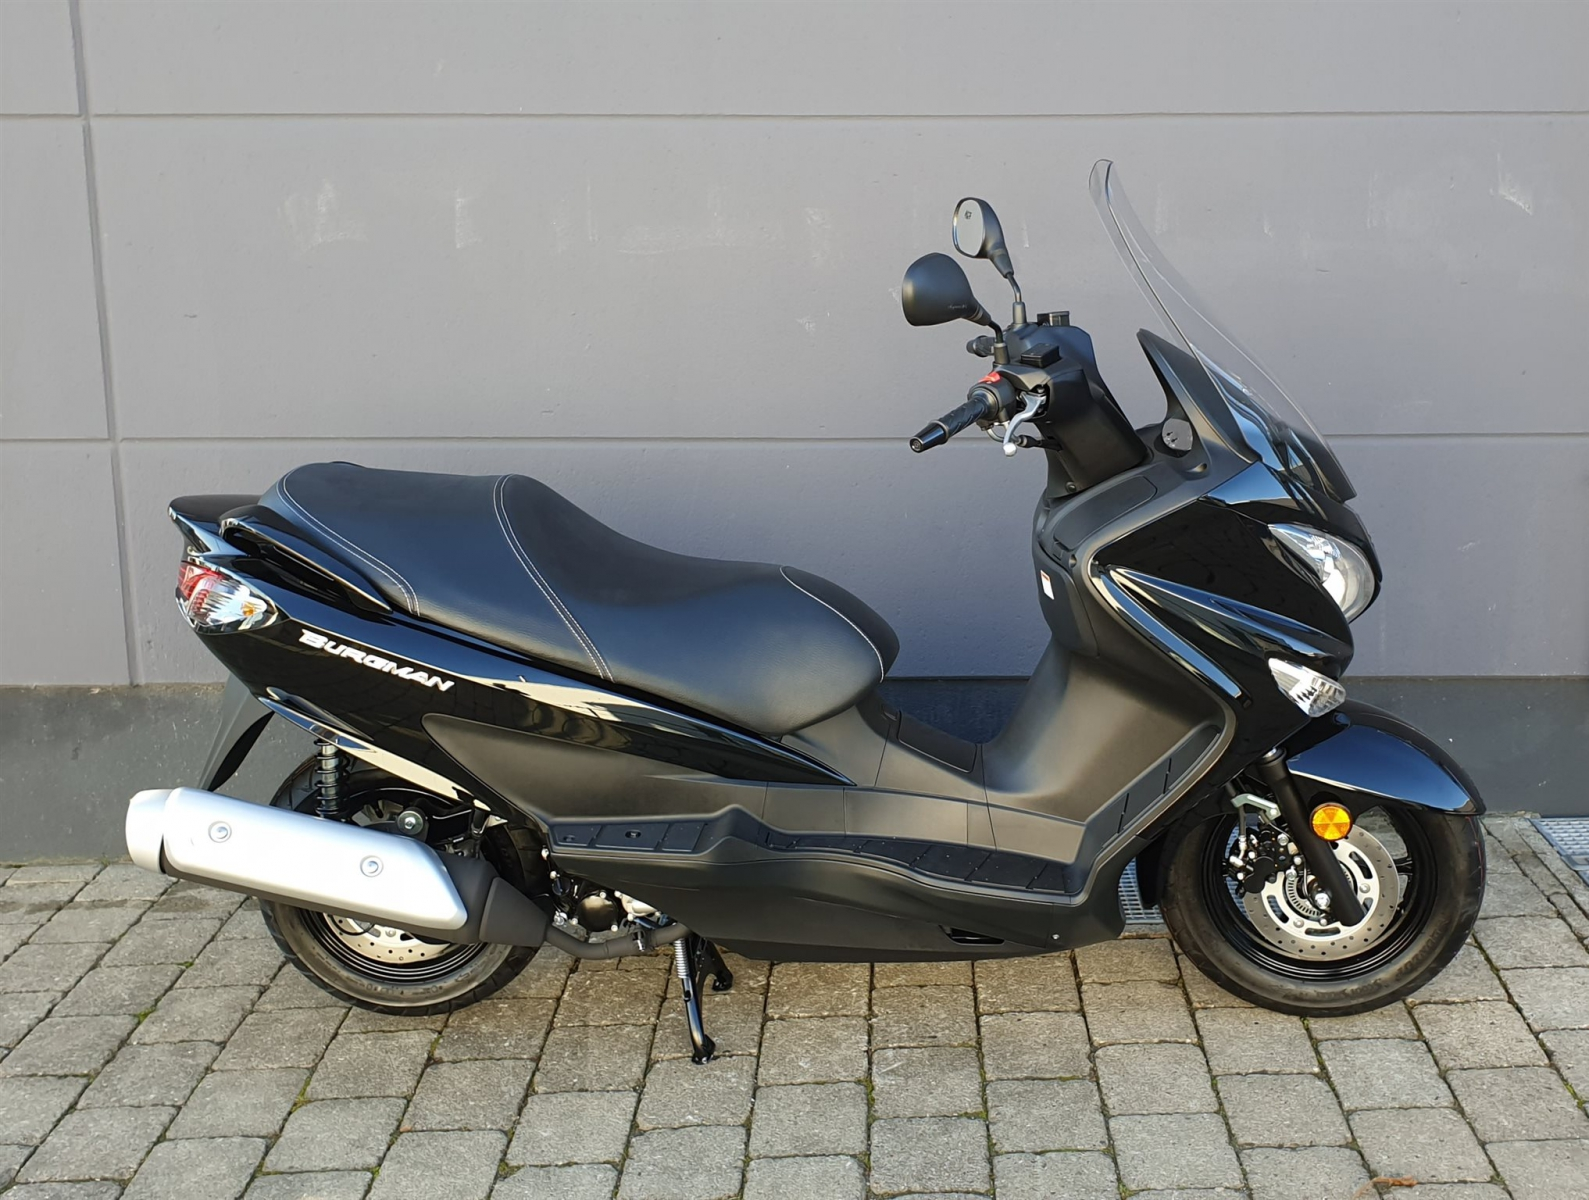 Suzuki Burgman 125, Sofort verfügbar !!! Tageszulassung!!!